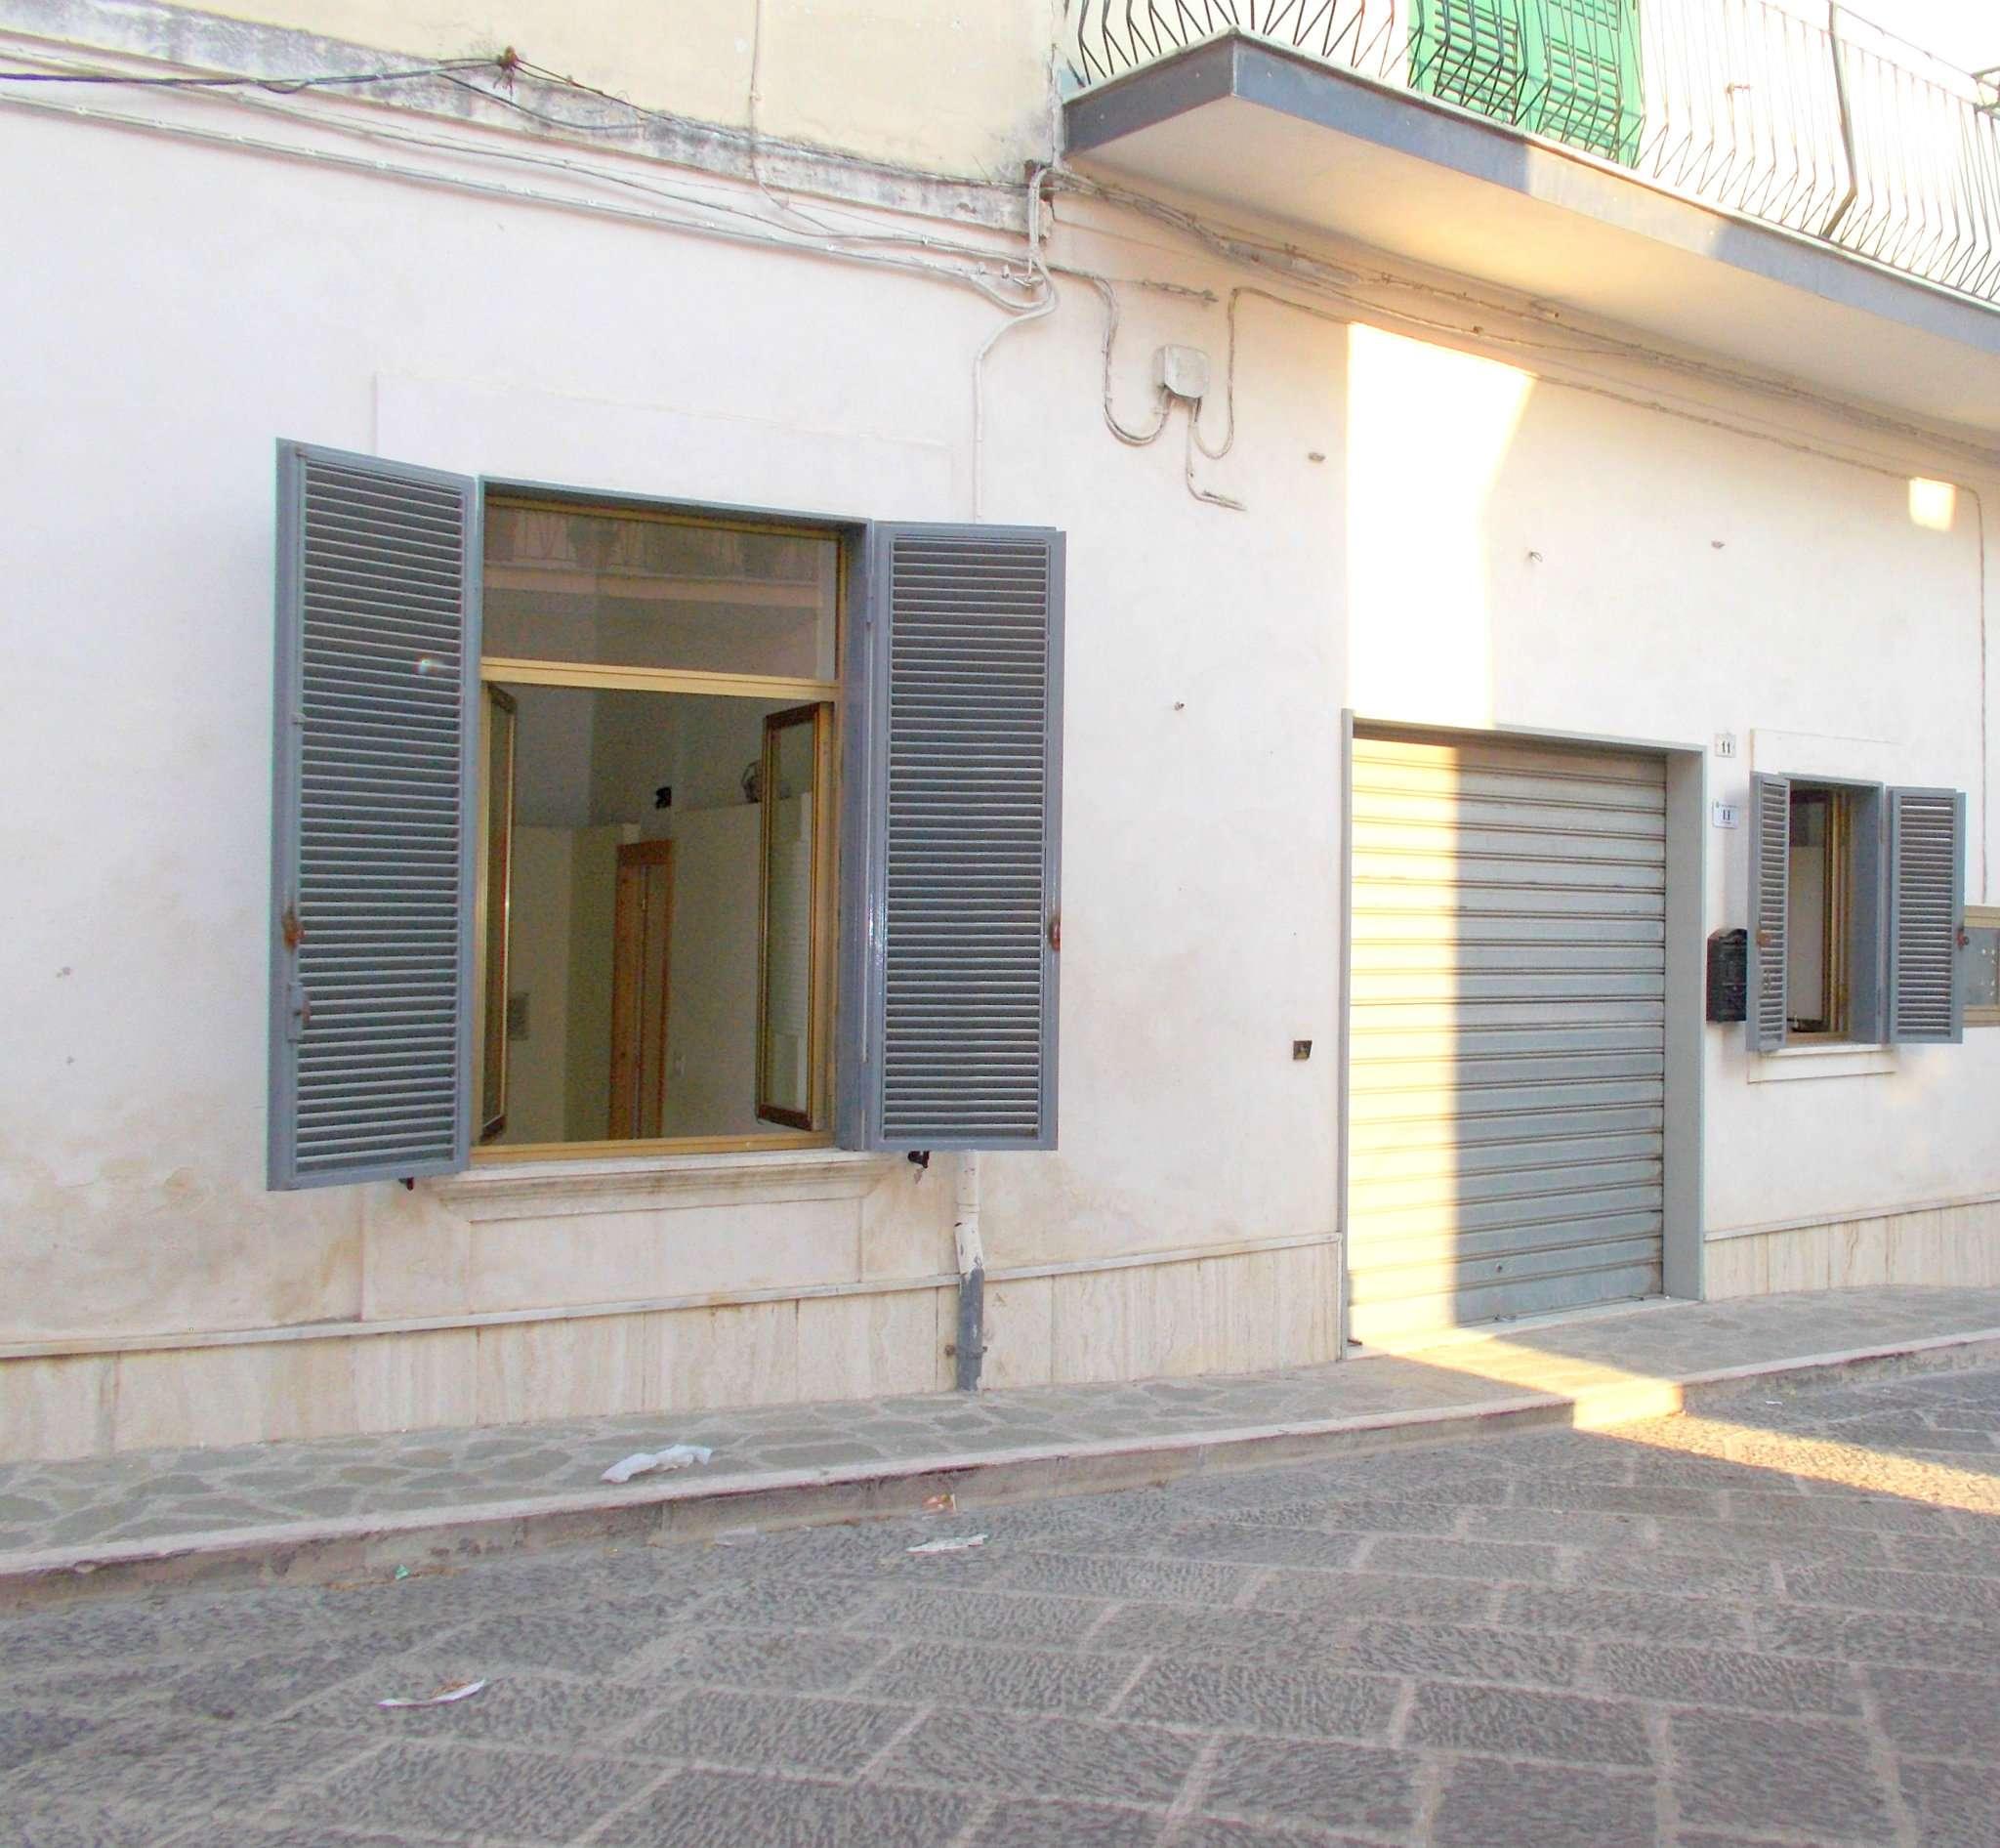 Negozio / Locale in affitto a Santa Maria a Vico, 2 locali, prezzo € 350 | CambioCasa.it